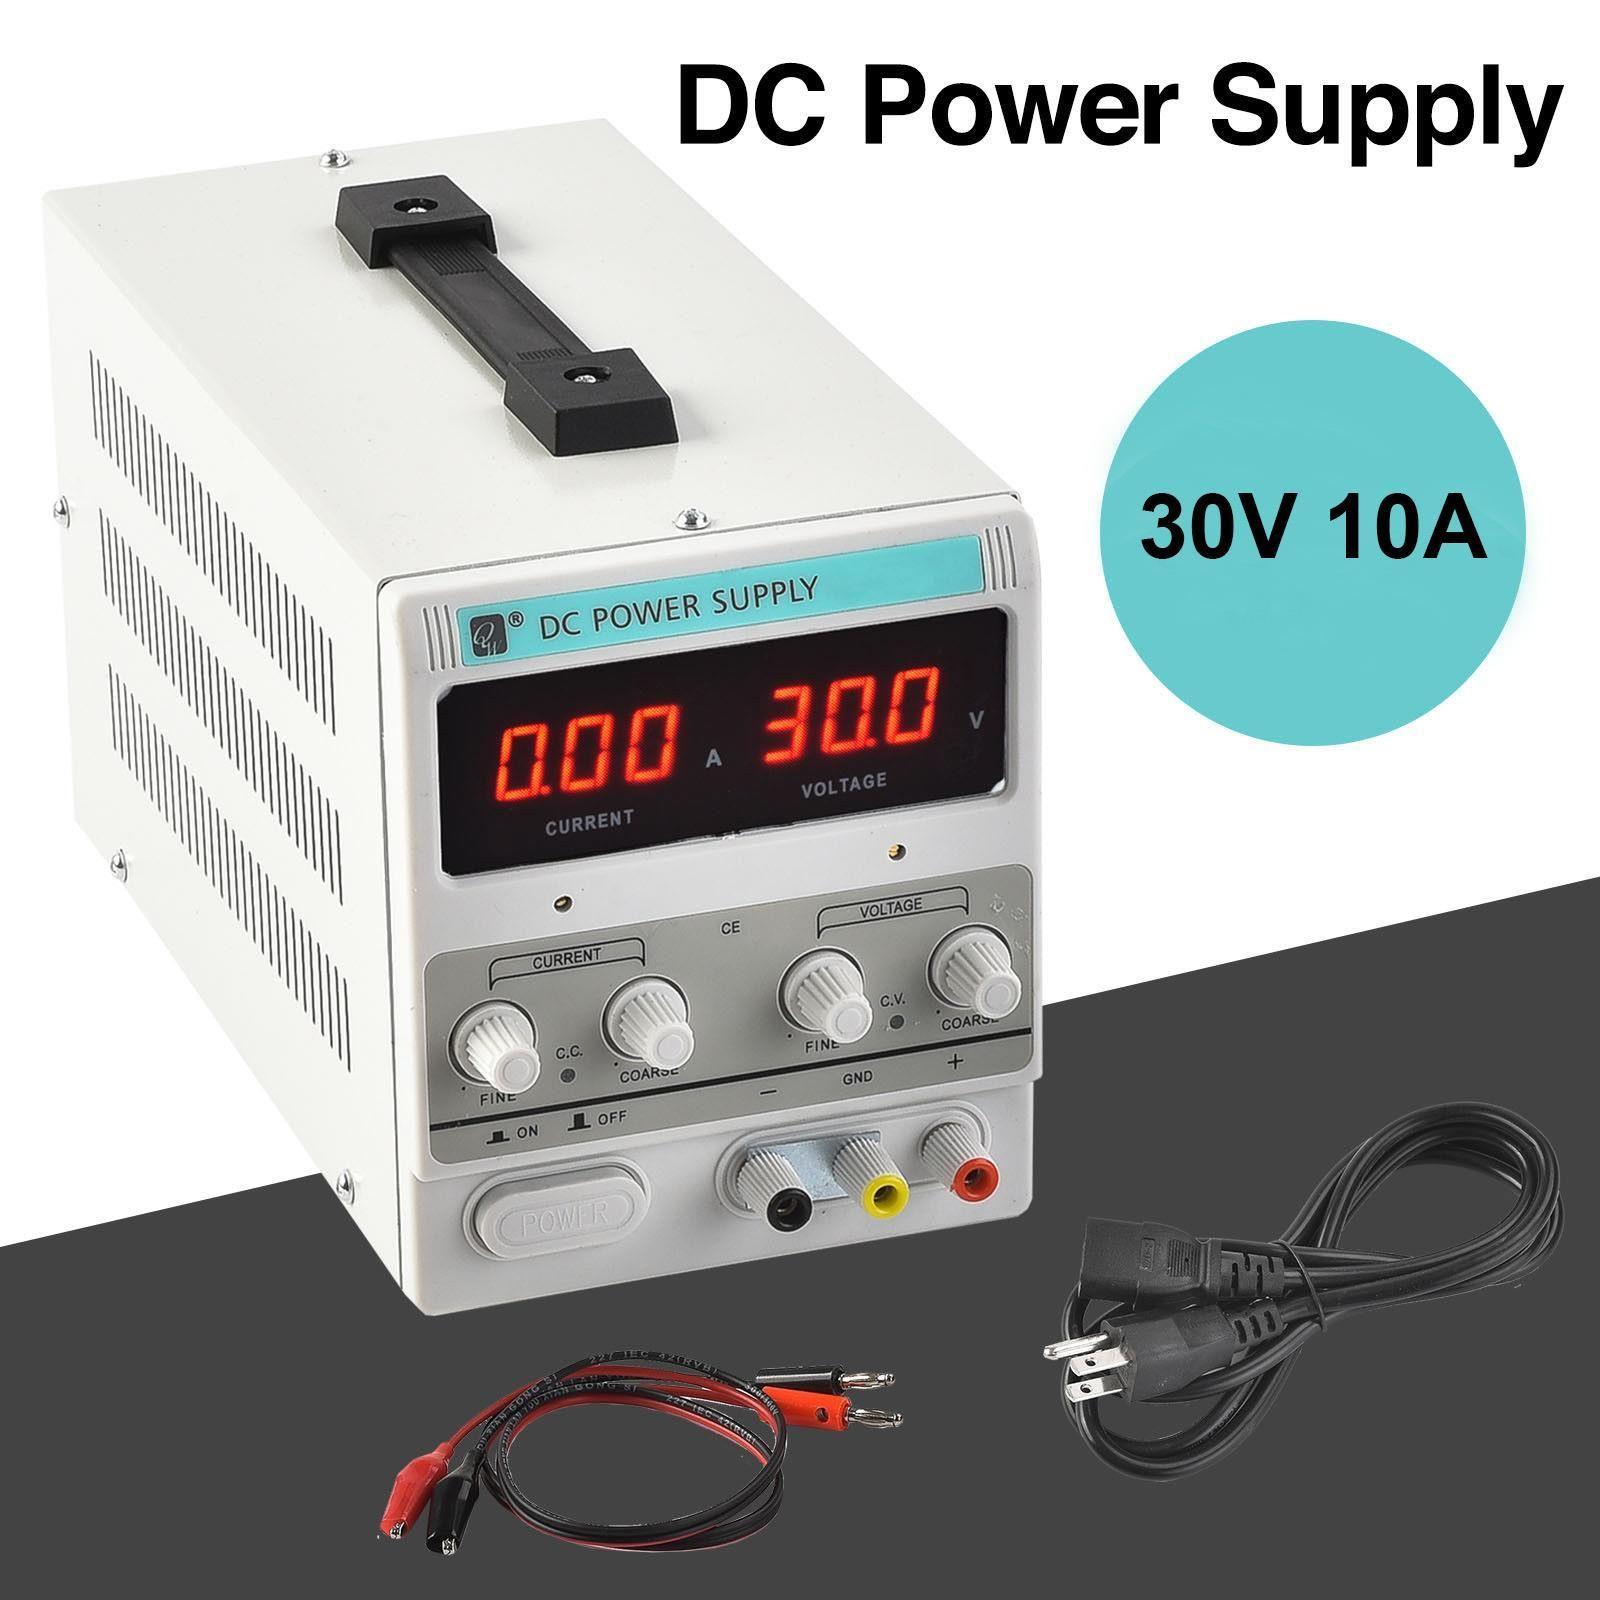 Ayarlanabilir Güç Kaynağı 30 V 10A 110 V Hassas Değişken DC Dijital Laboratuar W / Klip